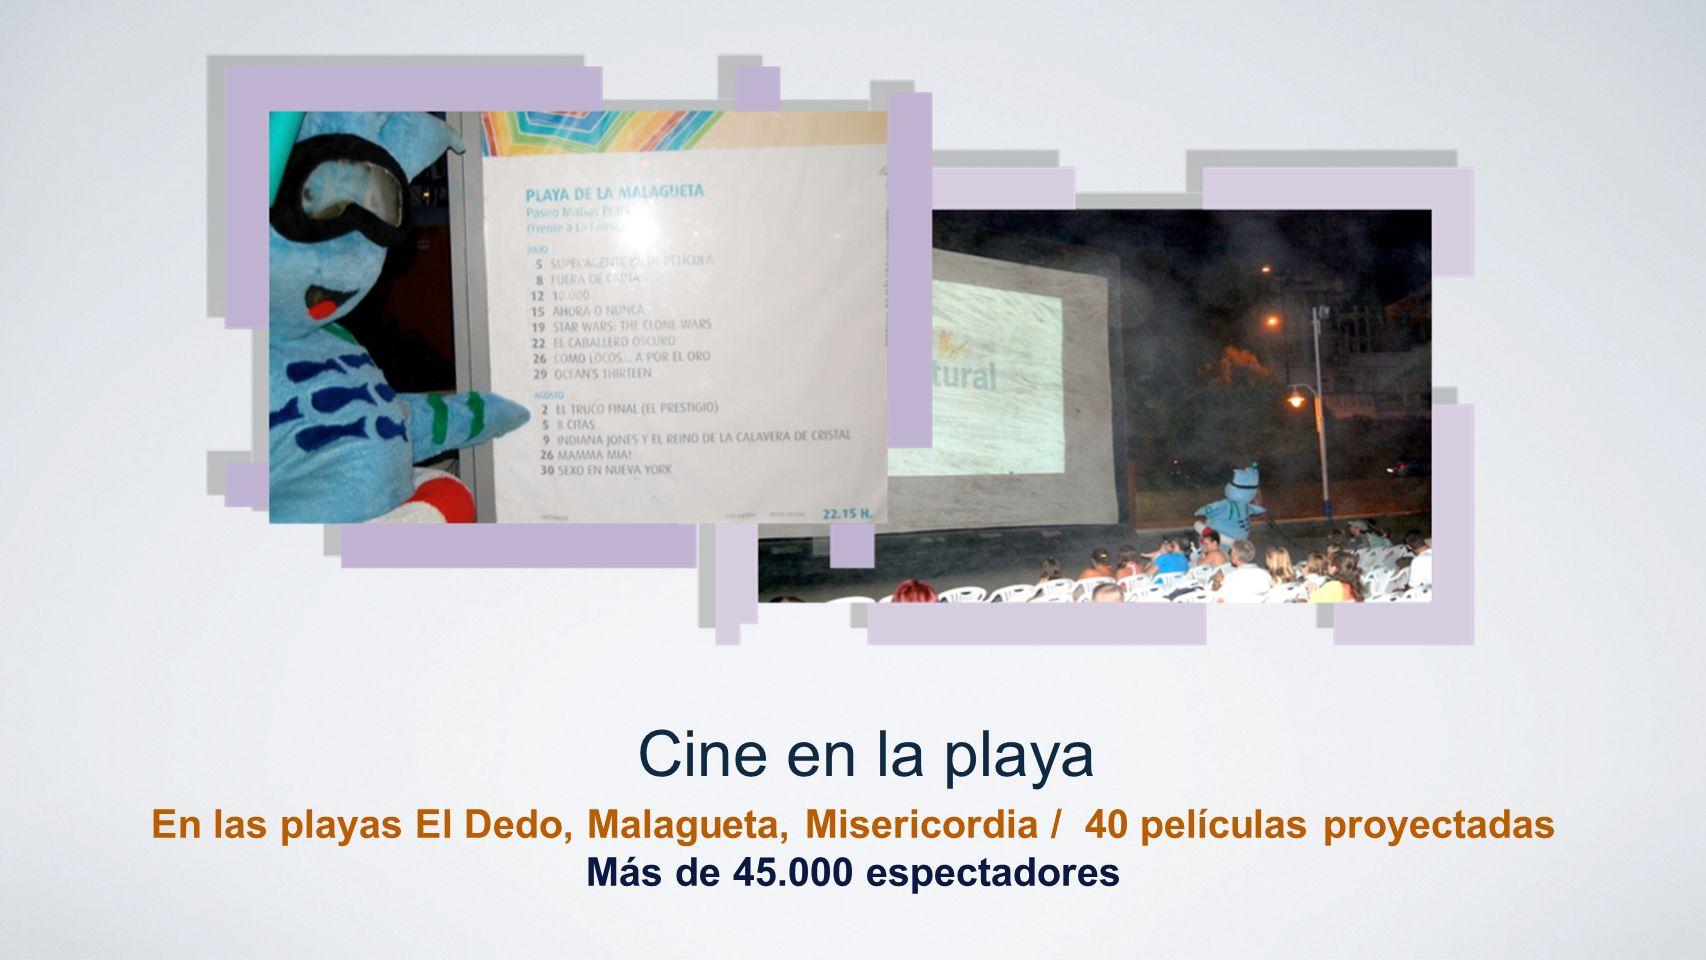 Cine en la playa En las playas El Dedo, Malagueta, Misericordia / 40 películas proyectadas Más de 45.000 espectadores